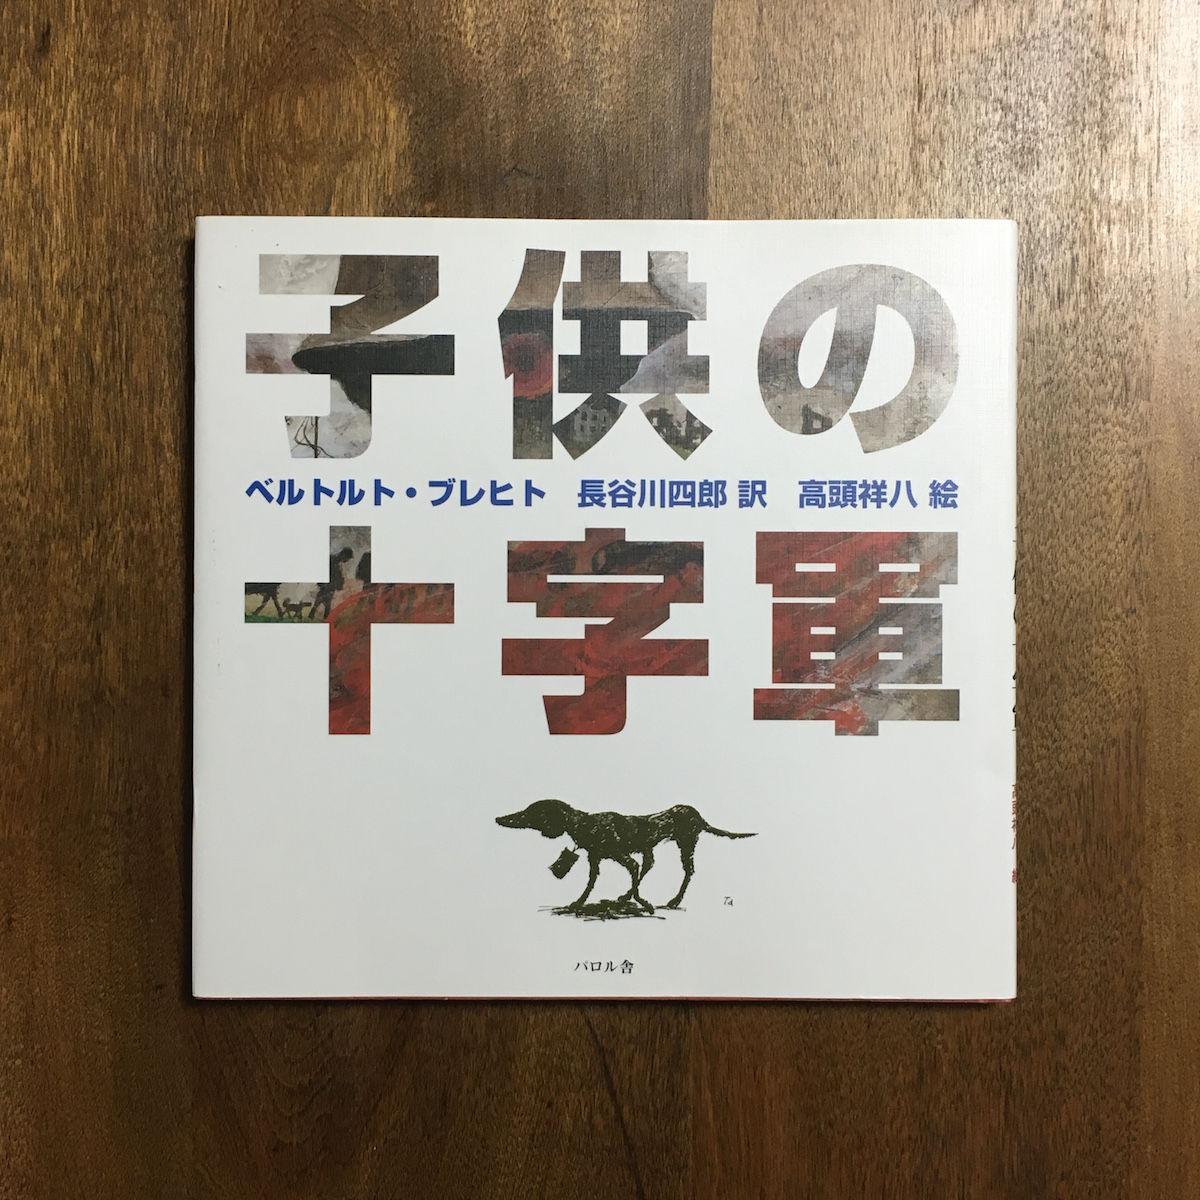 「子供の十字軍」ベルトルト・ブレヒト 長谷川四郎 訳